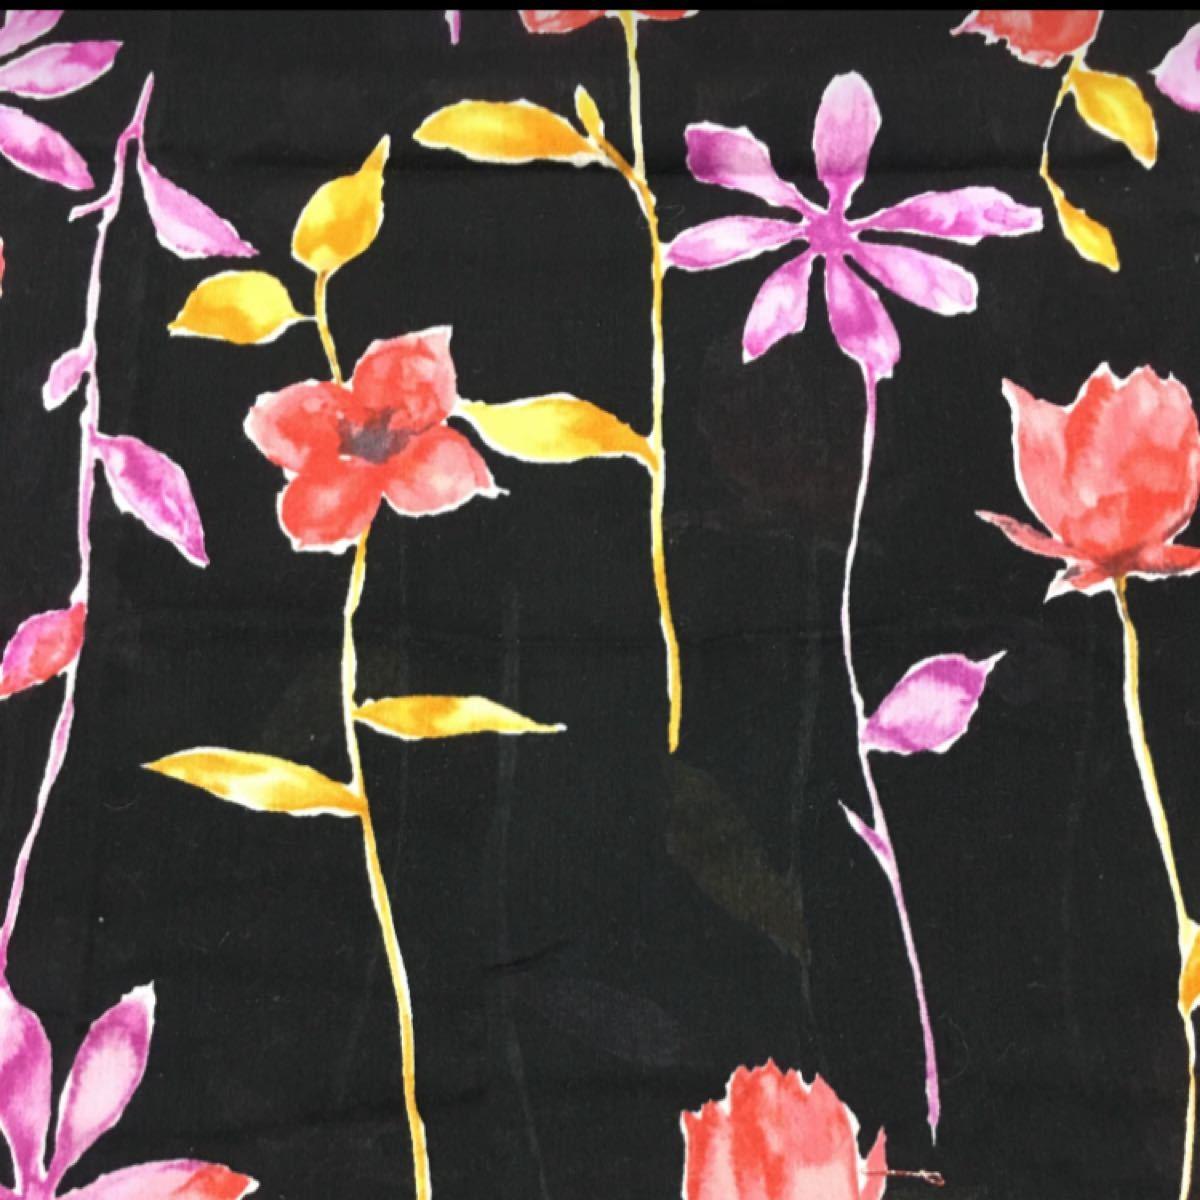 生地 ハギレ 黒地に花柄(若干透け感あり) 約横120×縦28